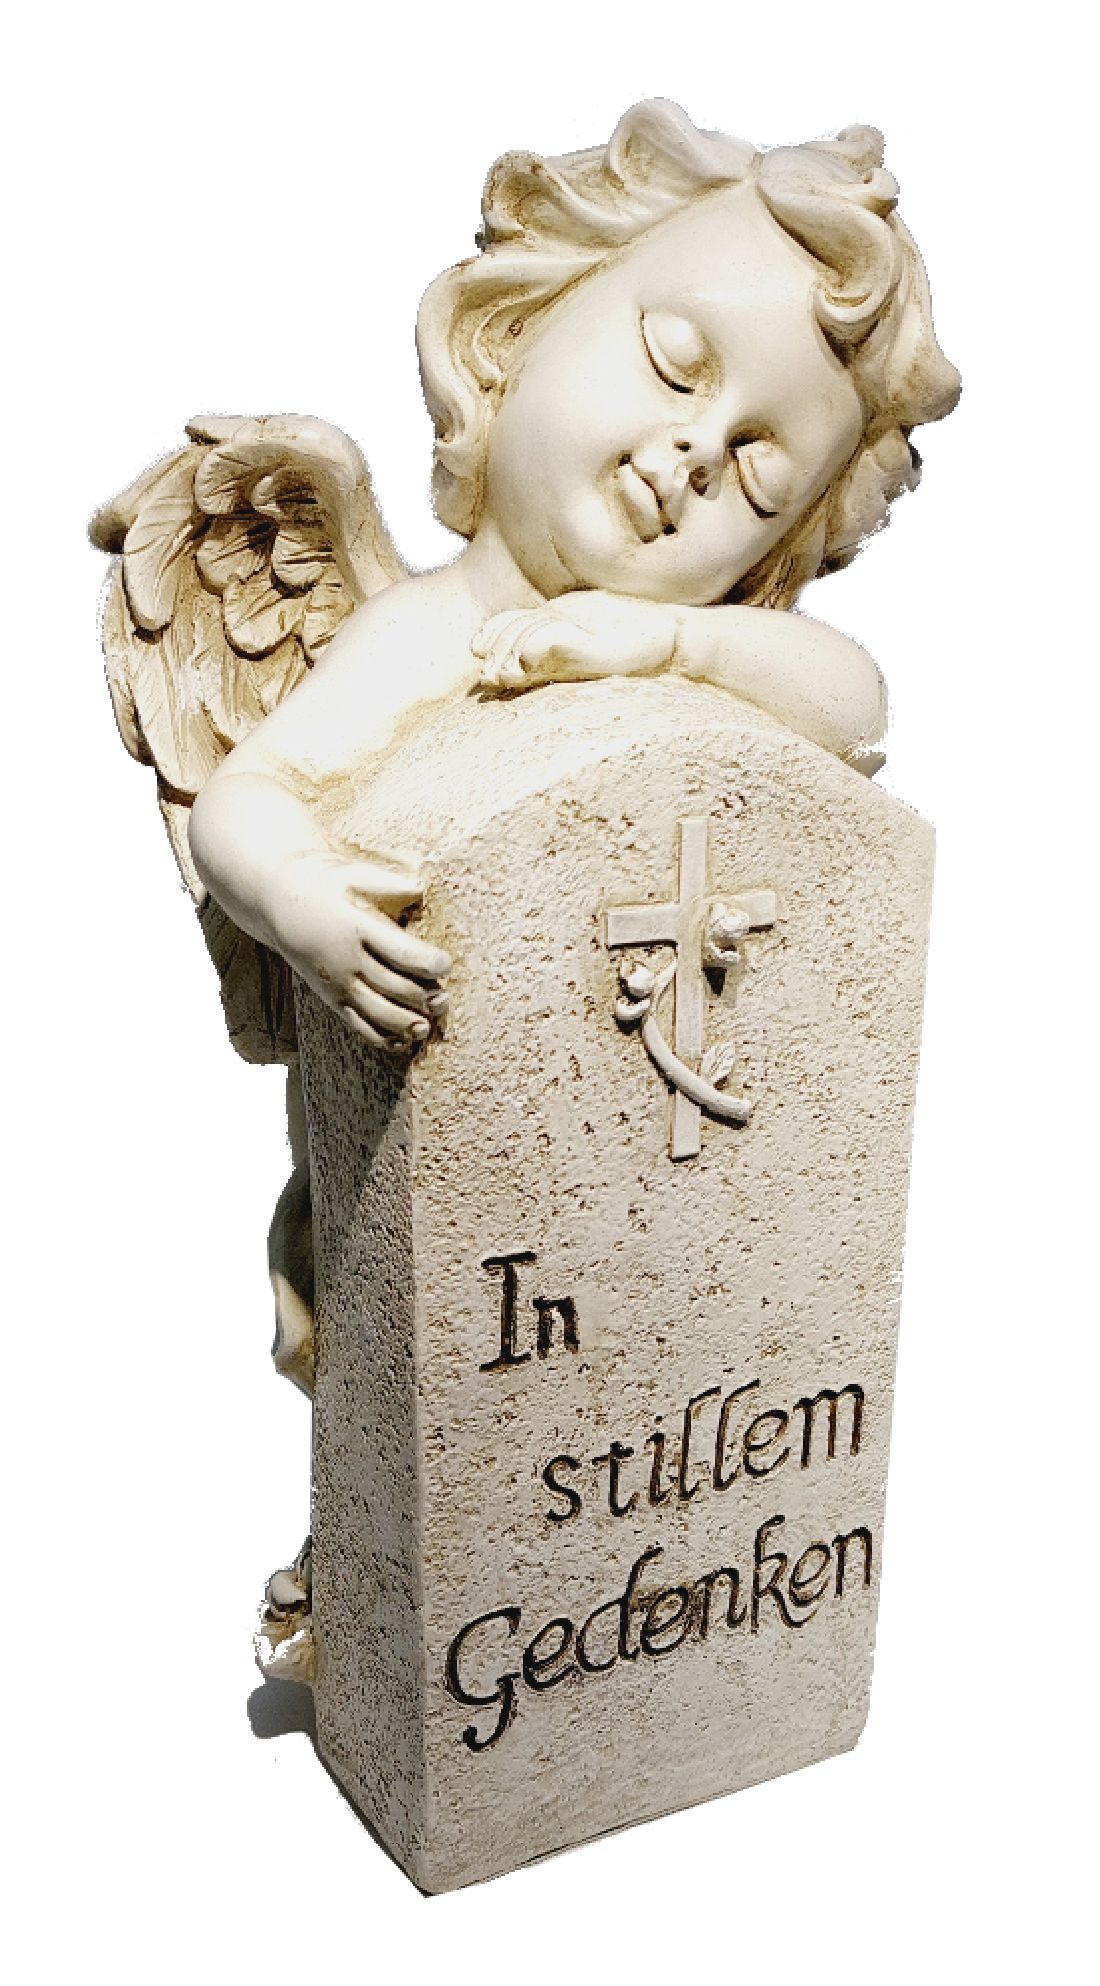 Engel am Grabstein stein-weiss  13331 mit Spruch 32,5x17x15cm